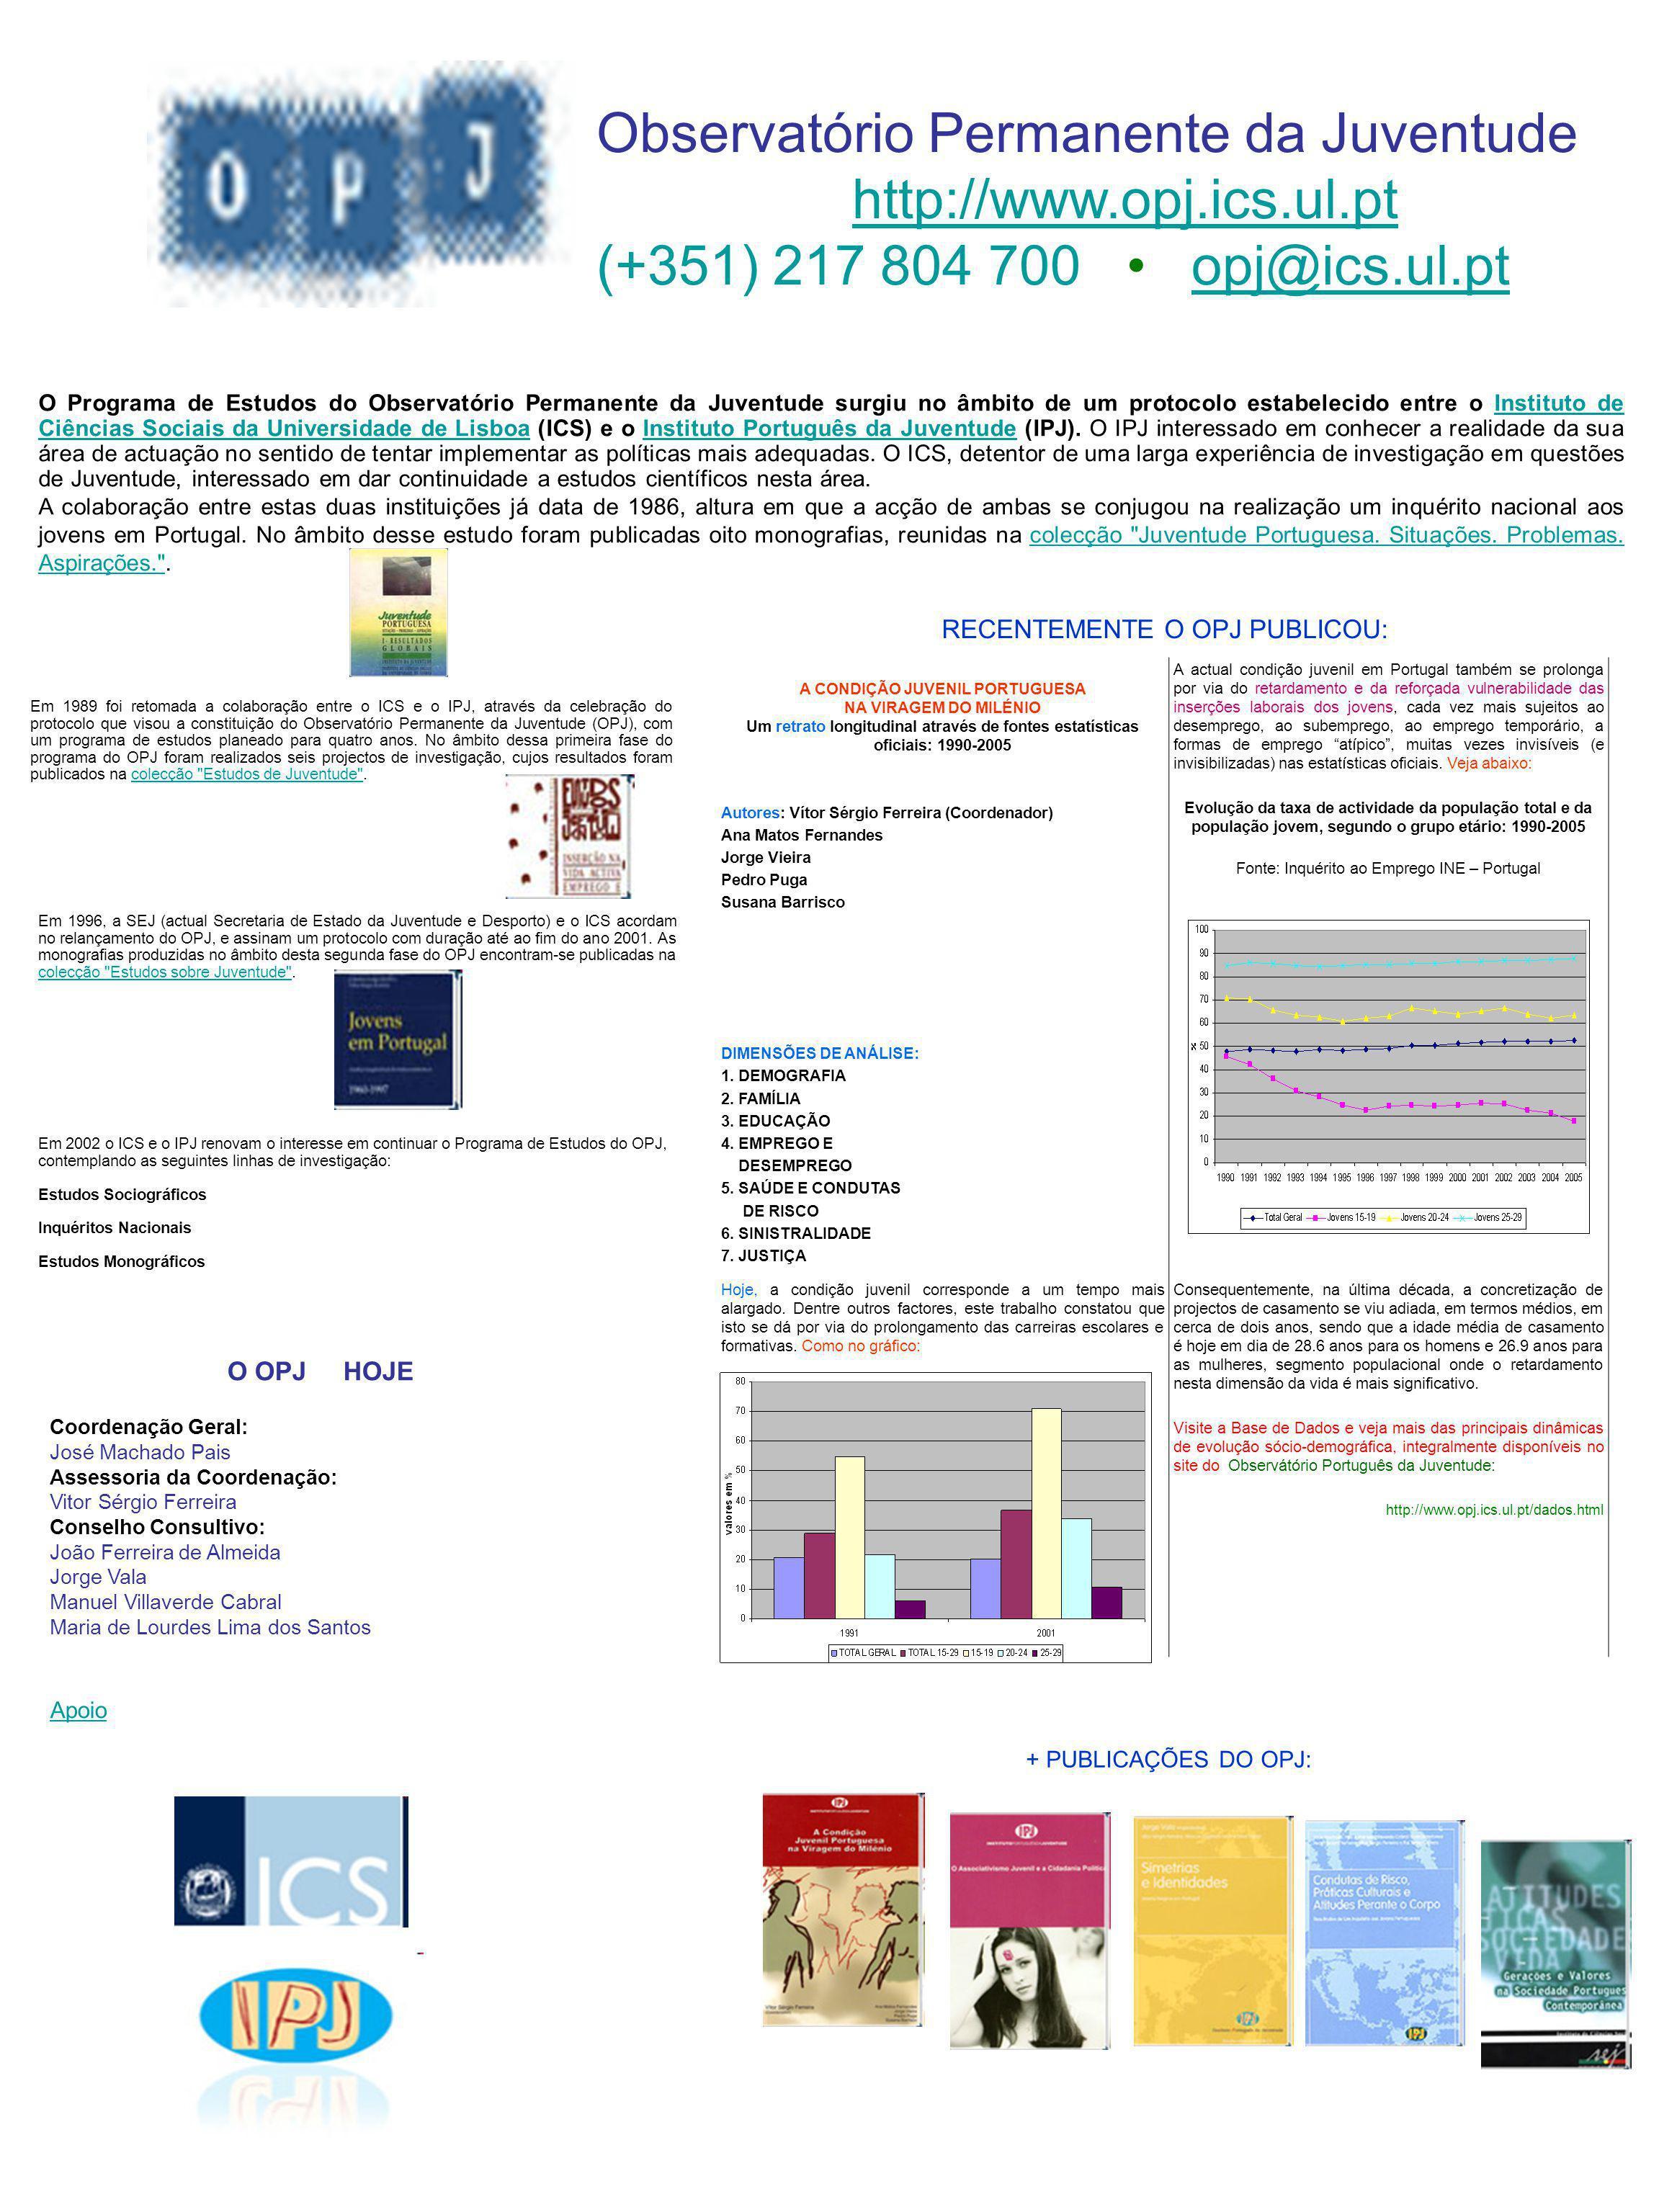 Observatório Permanente da Juventude http://www.opj.ics.ul.pt (+351) 217 804 700 opj@ics.ul.ptopj@ics.ul.pt O Programa de Estudos do Observatório Permanente da Juventude surgiu no âmbito de um protocolo estabelecido entre o Instituto de Ciências Sociais da Universidade de Lisboa (ICS) e o Instituto Português da Juventude (IPJ).